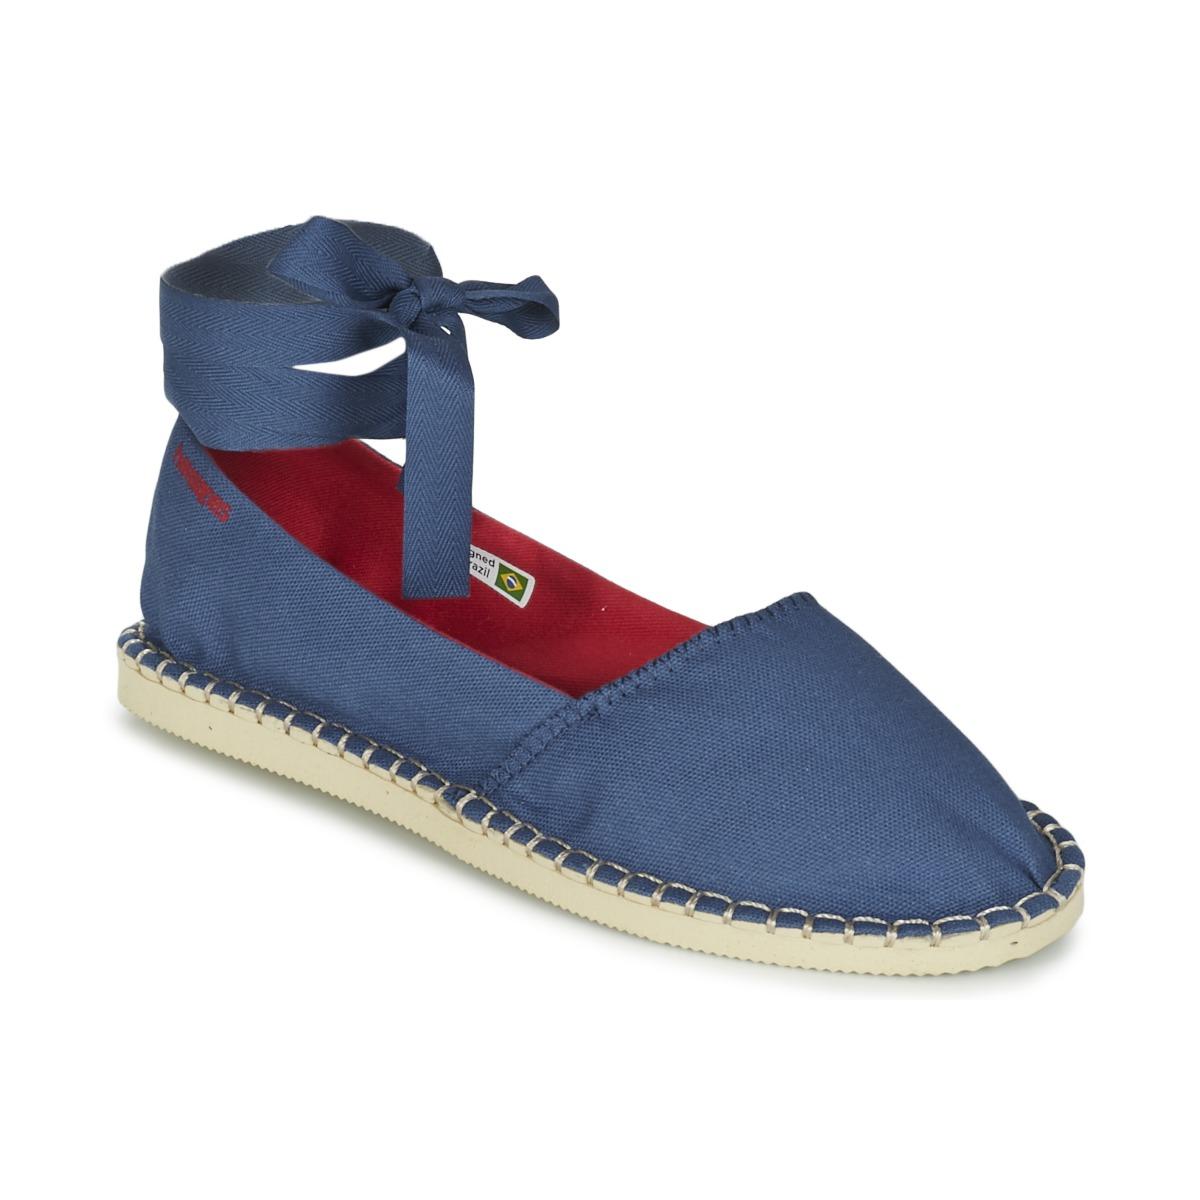 Havaianas ORIGINE SLIM Blau - Kostenloser Versand bei Spartoode ! - Schuhe Leinen-Pantoletten mit gefloch Damen 32,39 €